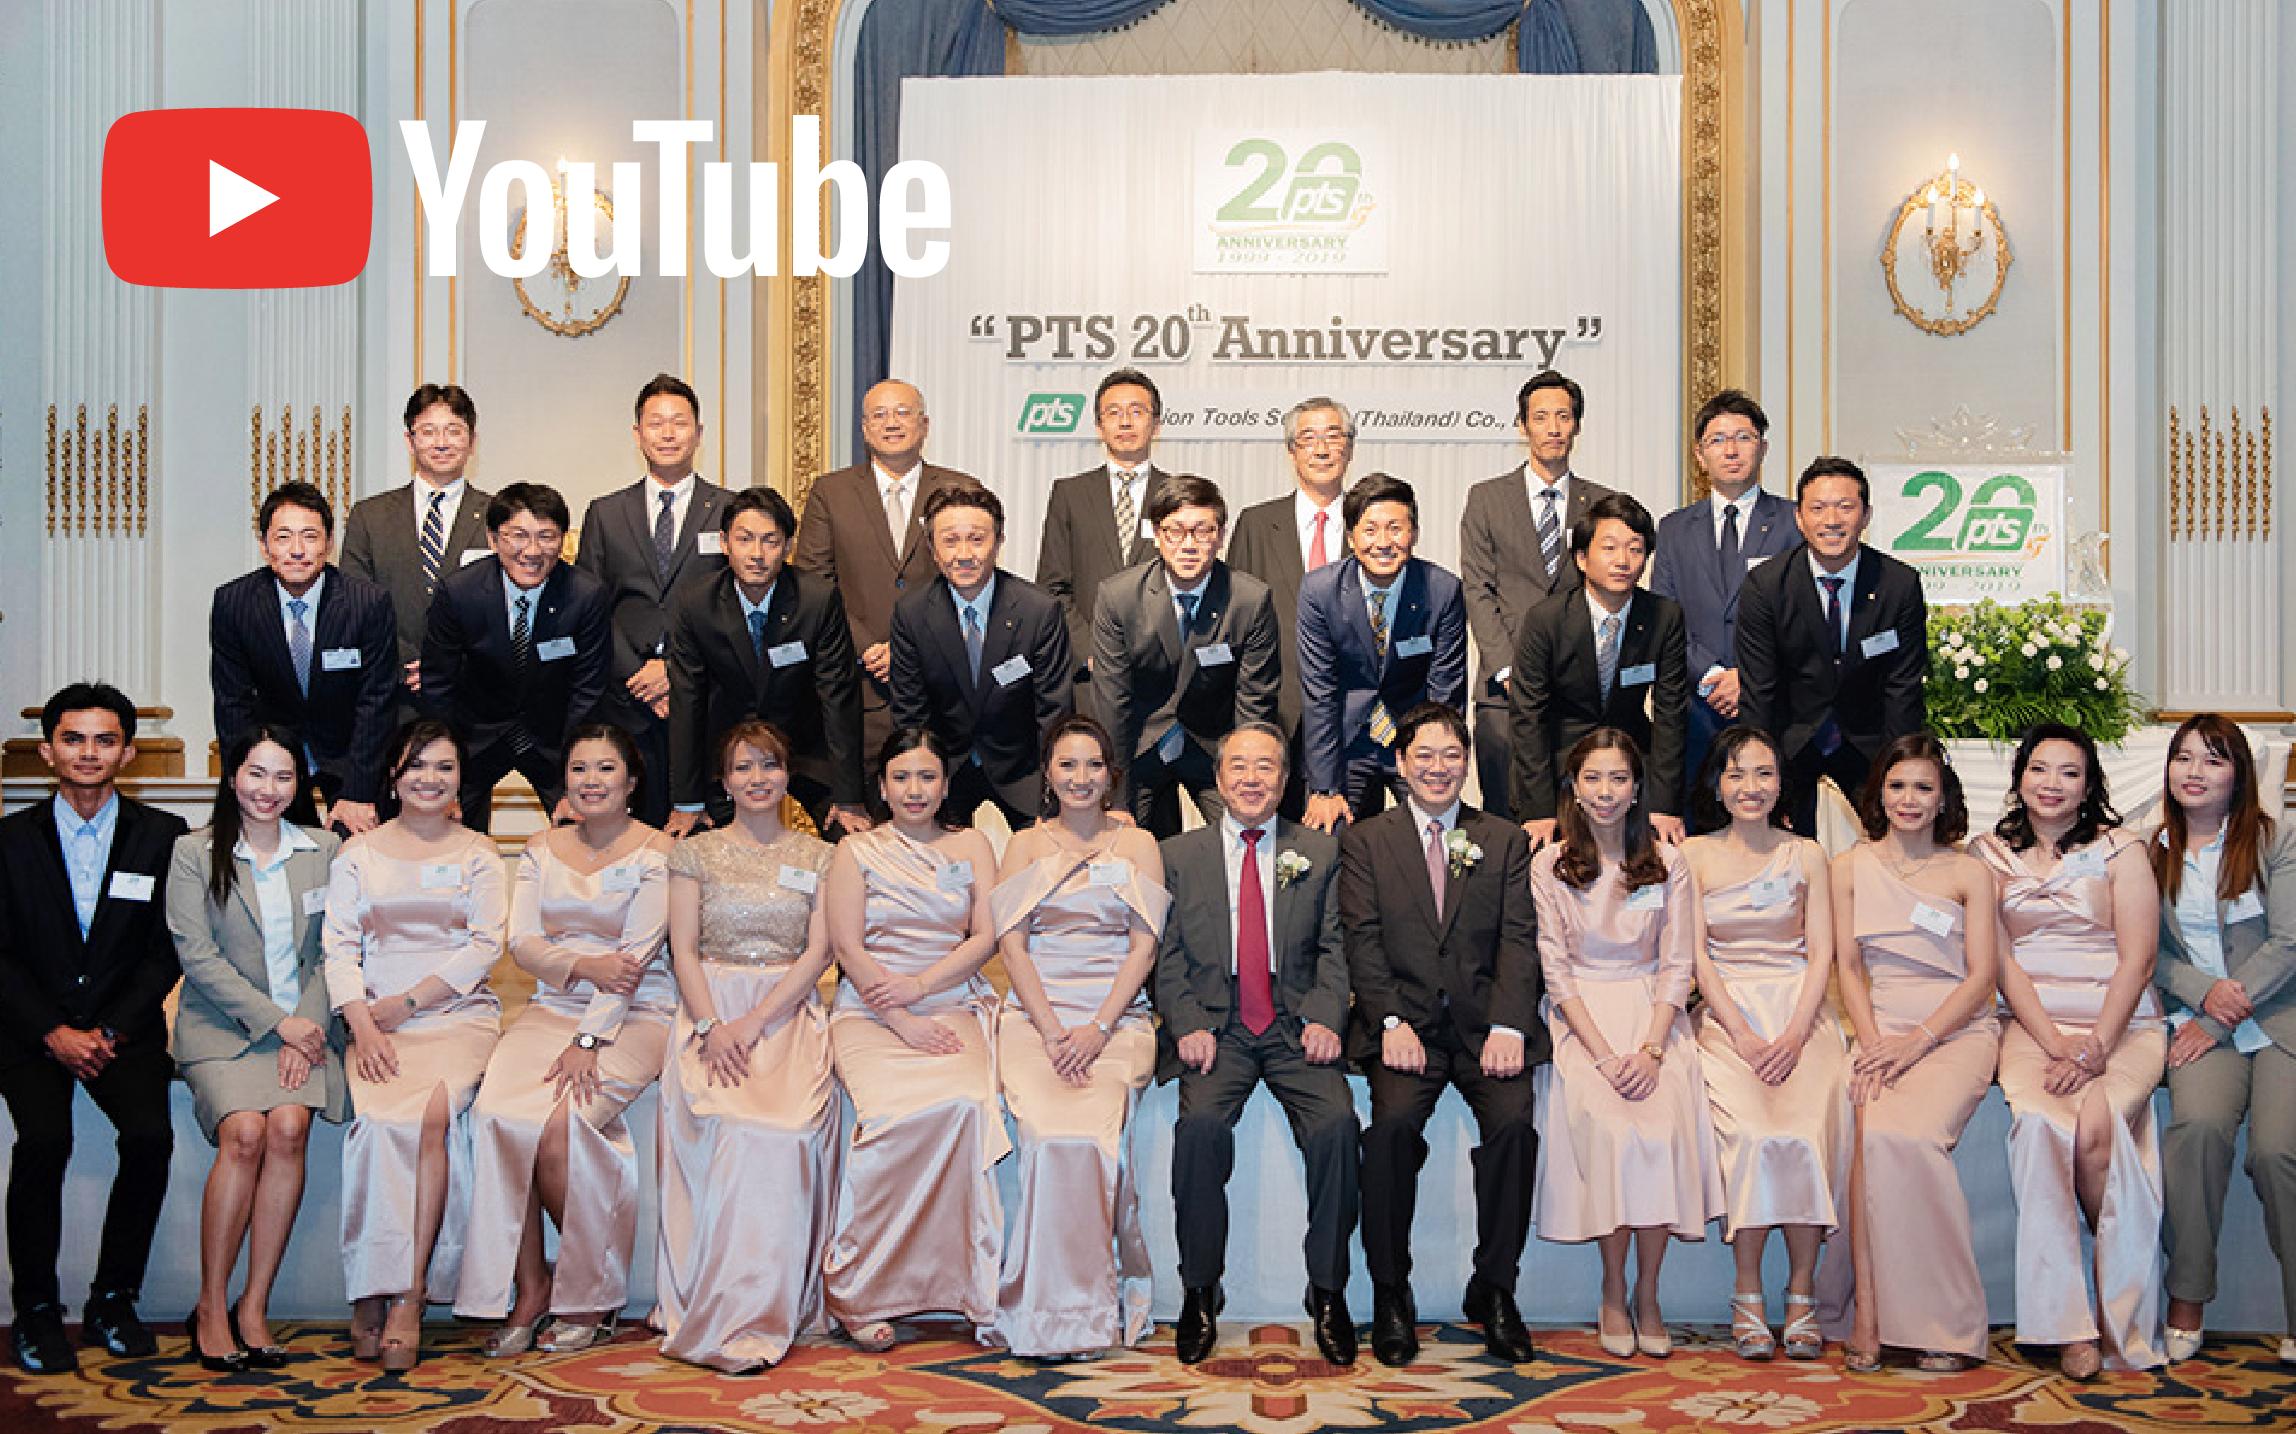 【周年記念】 プレシジョン・ツールス・サービス(タイランド)創立20周年記念祝賀会開催